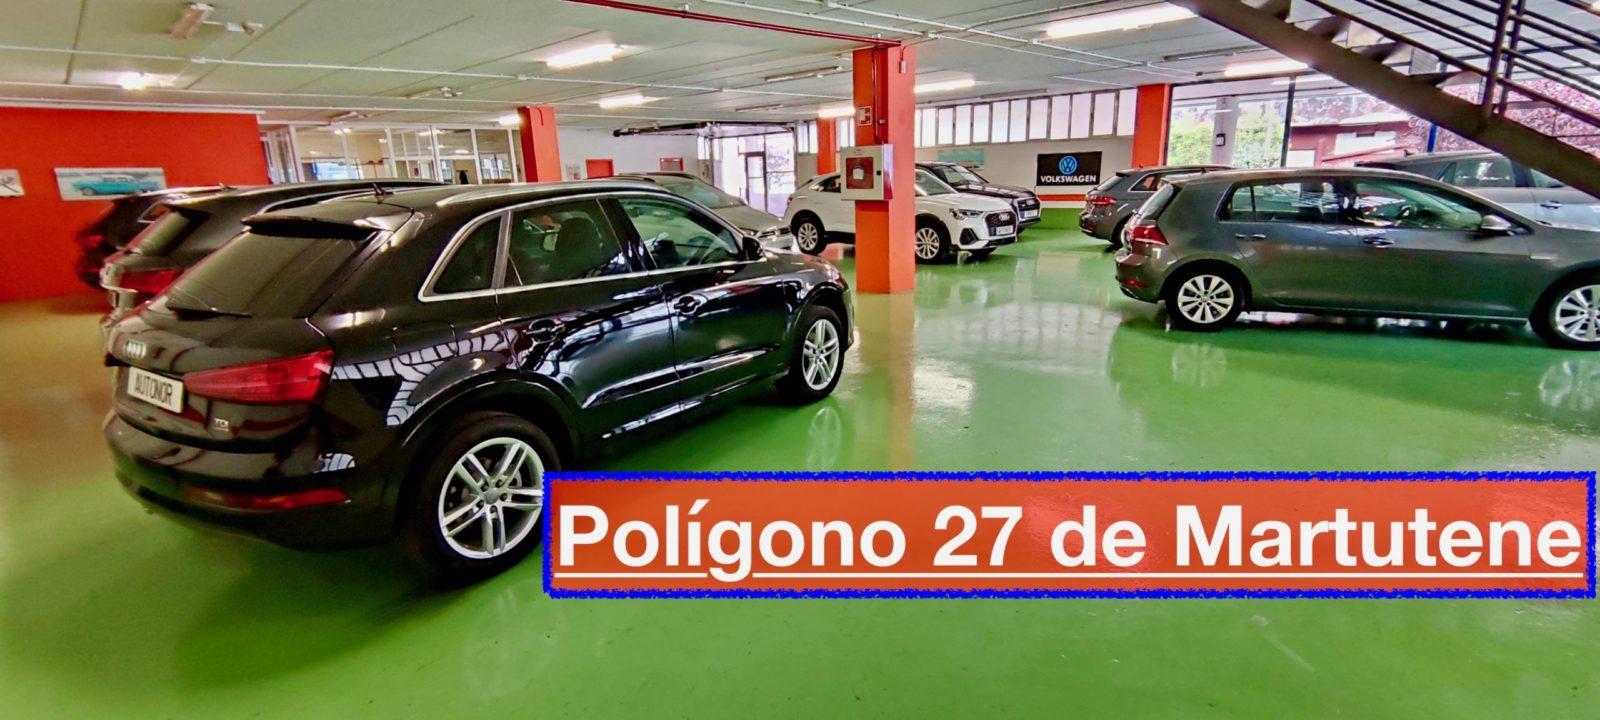 Donostia San Sebastián Autonor Venta de vehículos Km. 0 y de ocasión. AUDI - VOLKSWAGEN Tel 943 45 15 18 Paseo de Ubarburu, 30, Polígono 27 de Martutene